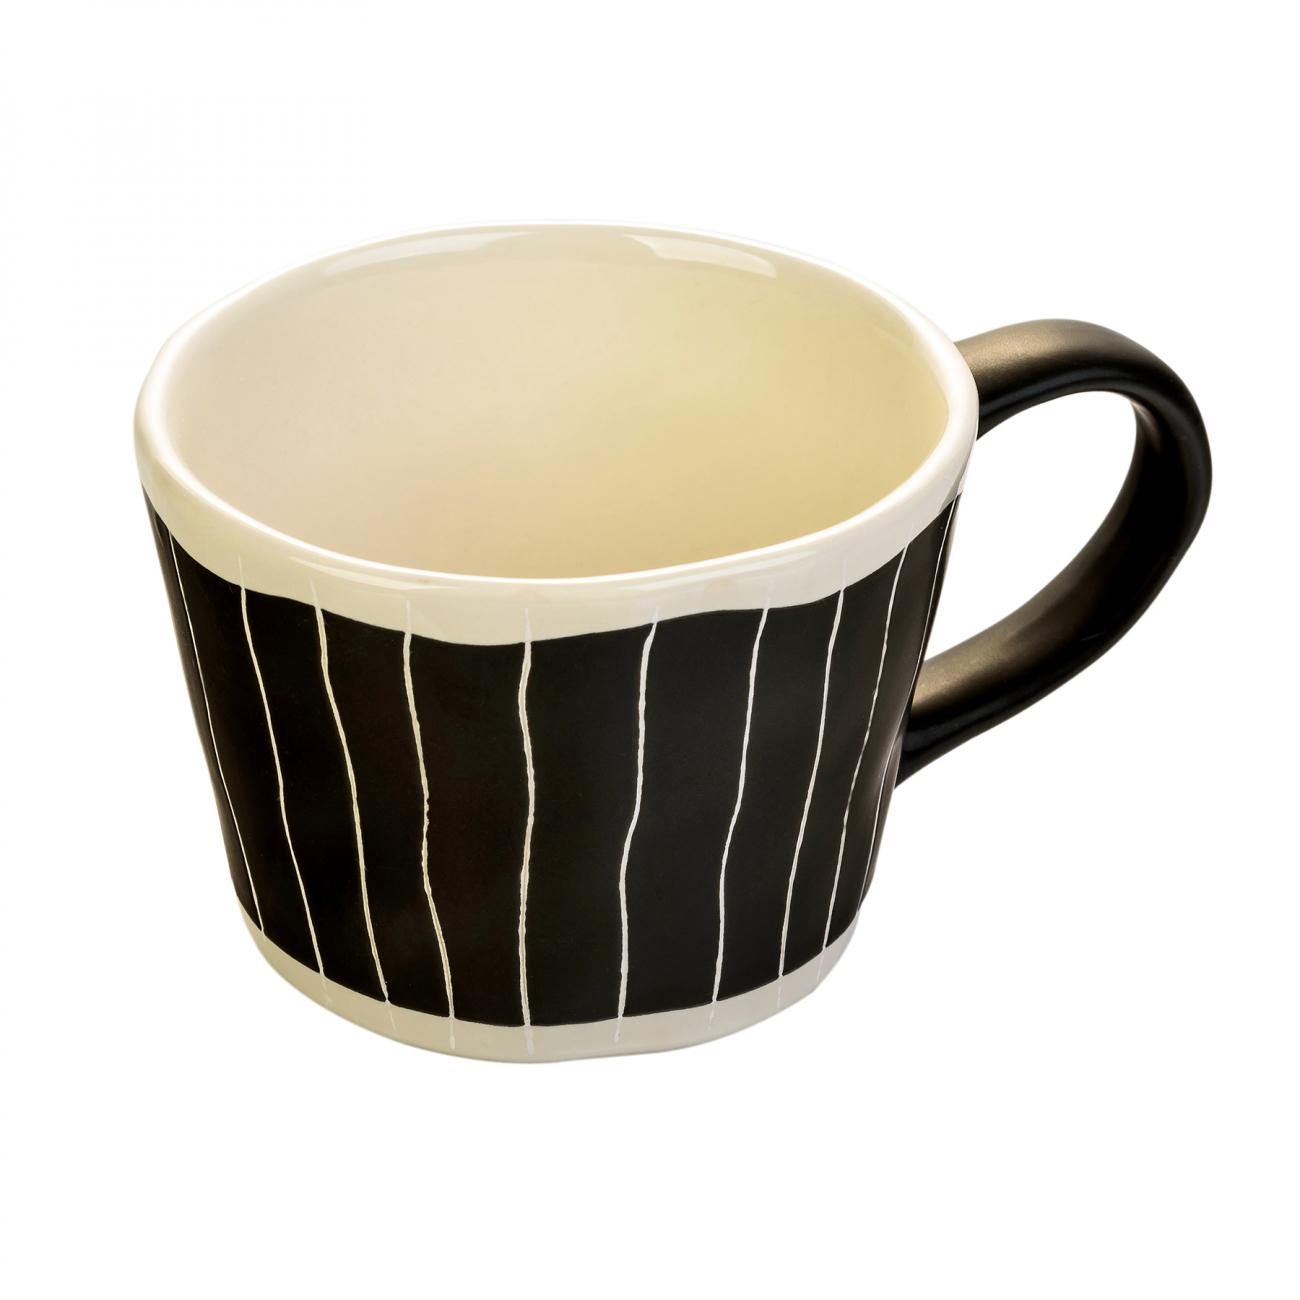 Купить Чашка ручной росписи Stripes в интернет магазине дизайнерской мебели и аксессуаров для дома и дачи